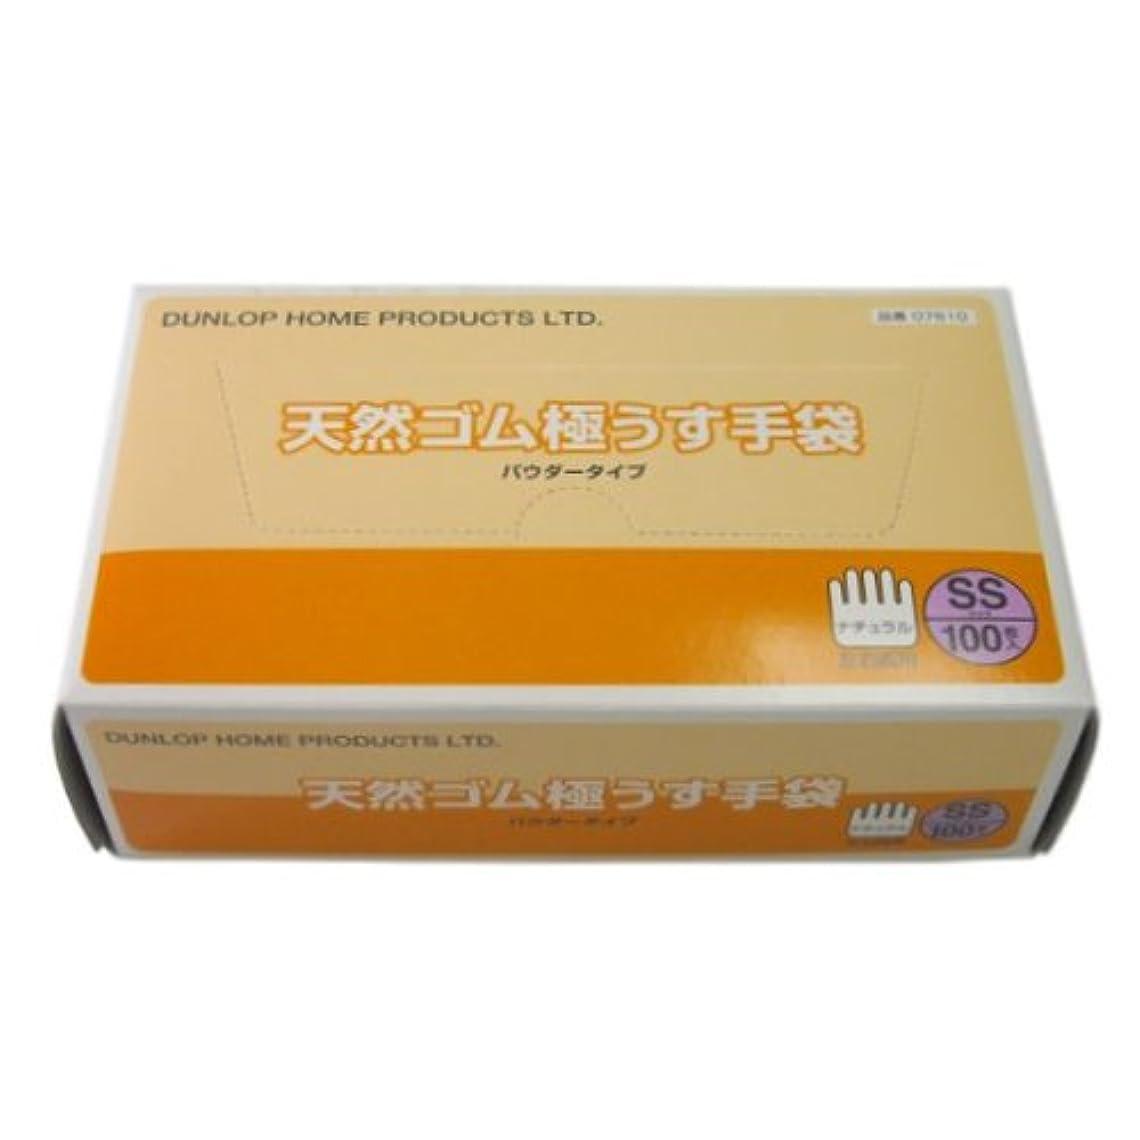 スチールアジア人六ダンロップ 天然ゴムラテックス極うす手袋 SSサイズ 100枚入×20箱